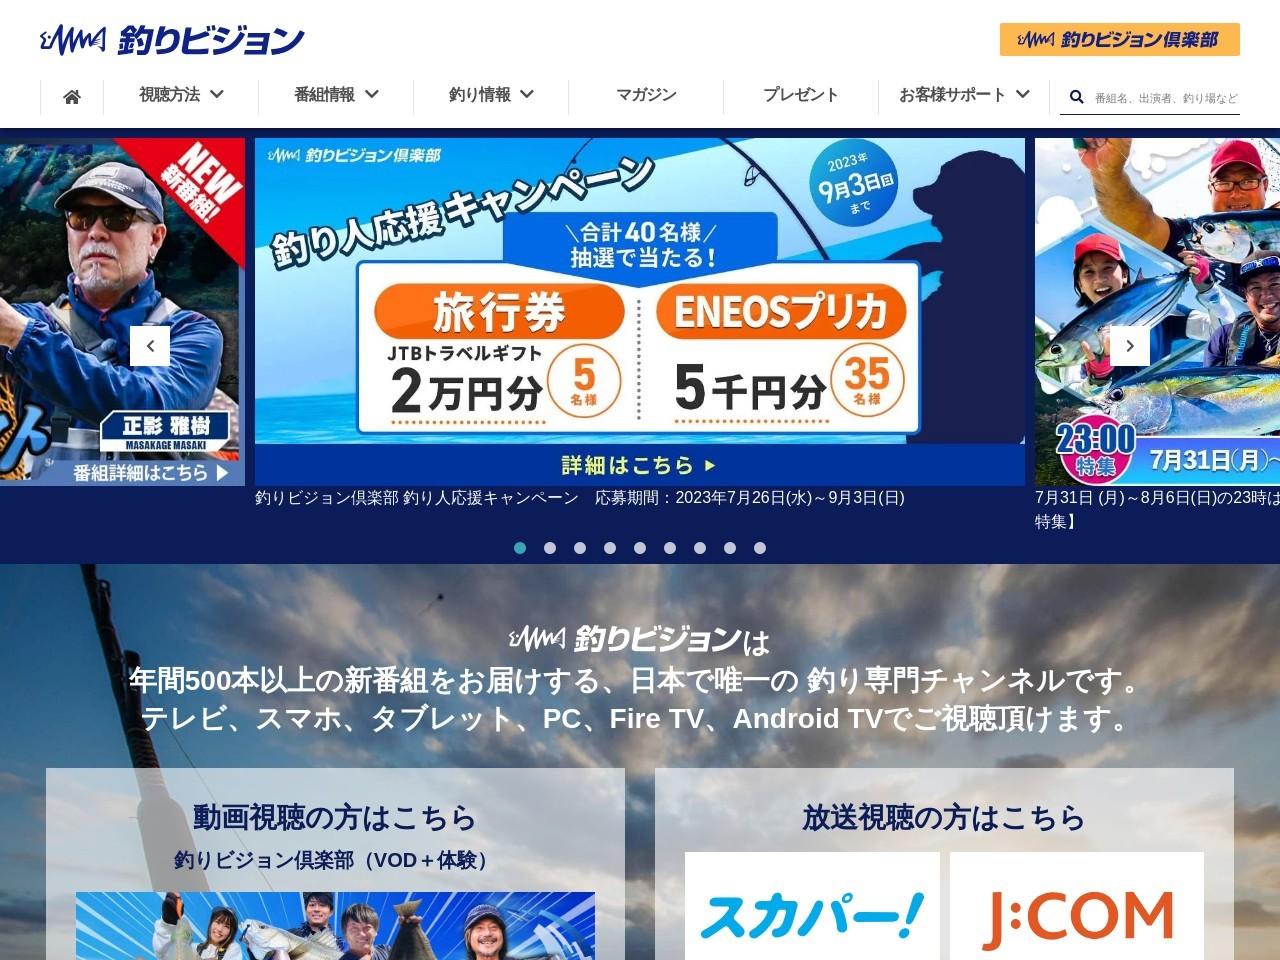 http://www.fishing-v.jp/choka/shop.php?s=207